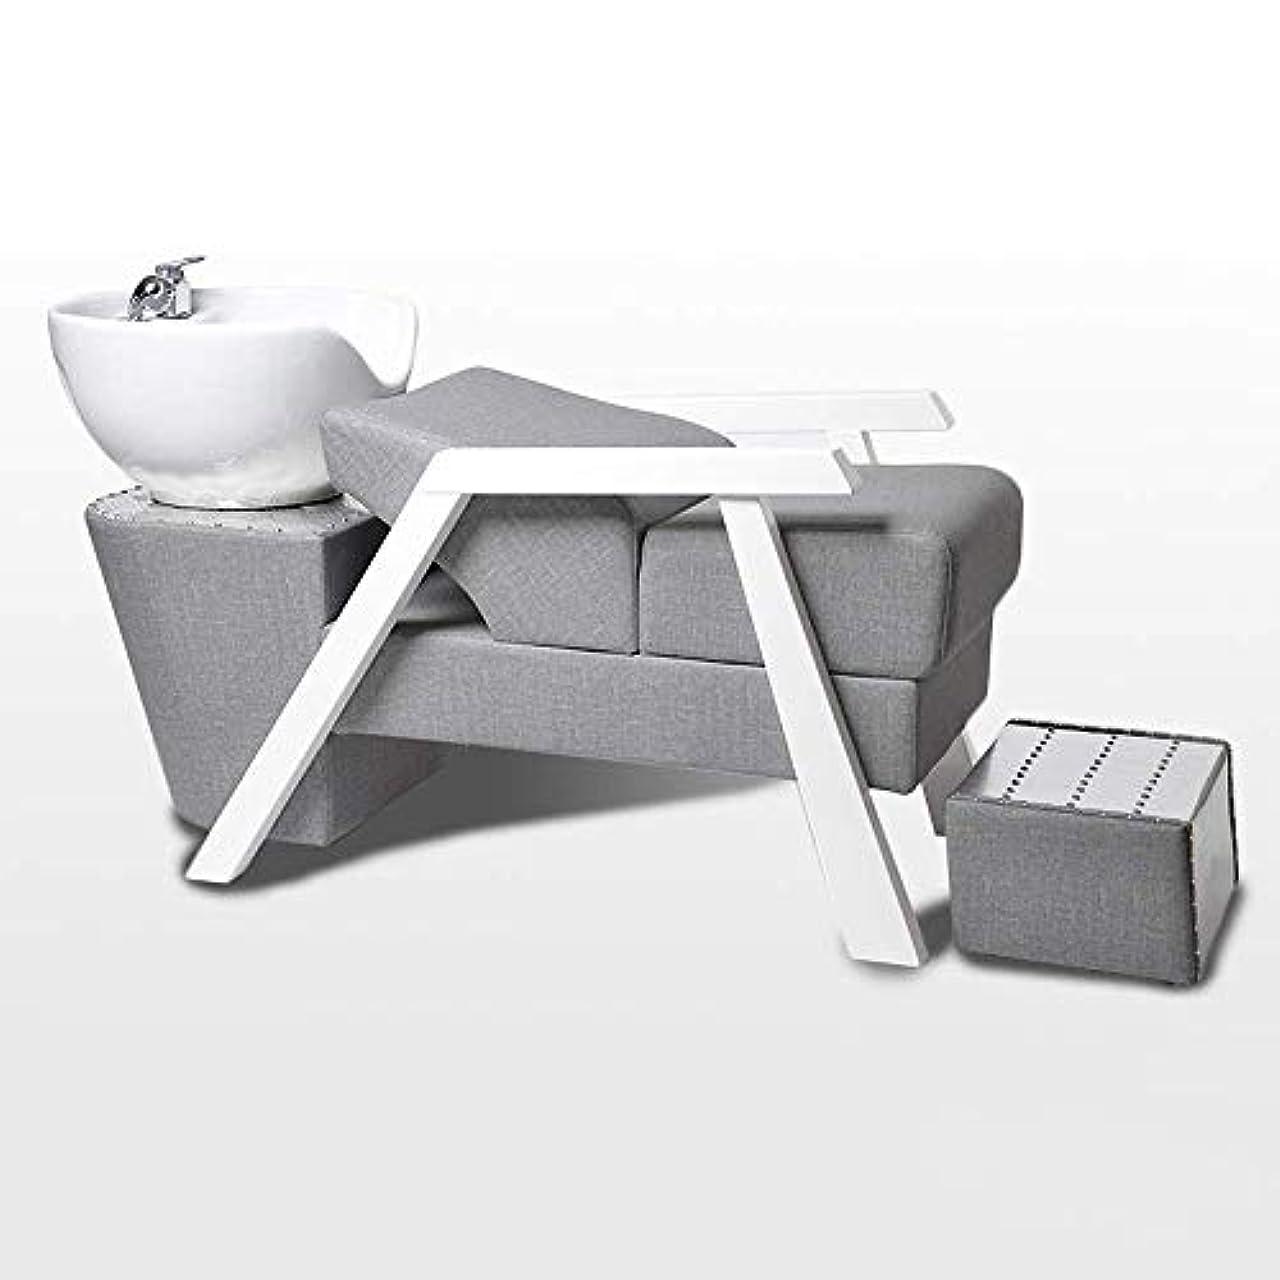 緊張するヘッドレス独立シャンプーチェア、鉱泉の美容院装置のための簡単な同じ高さのベッドのシャンプーボールの理髪の流しの椅子